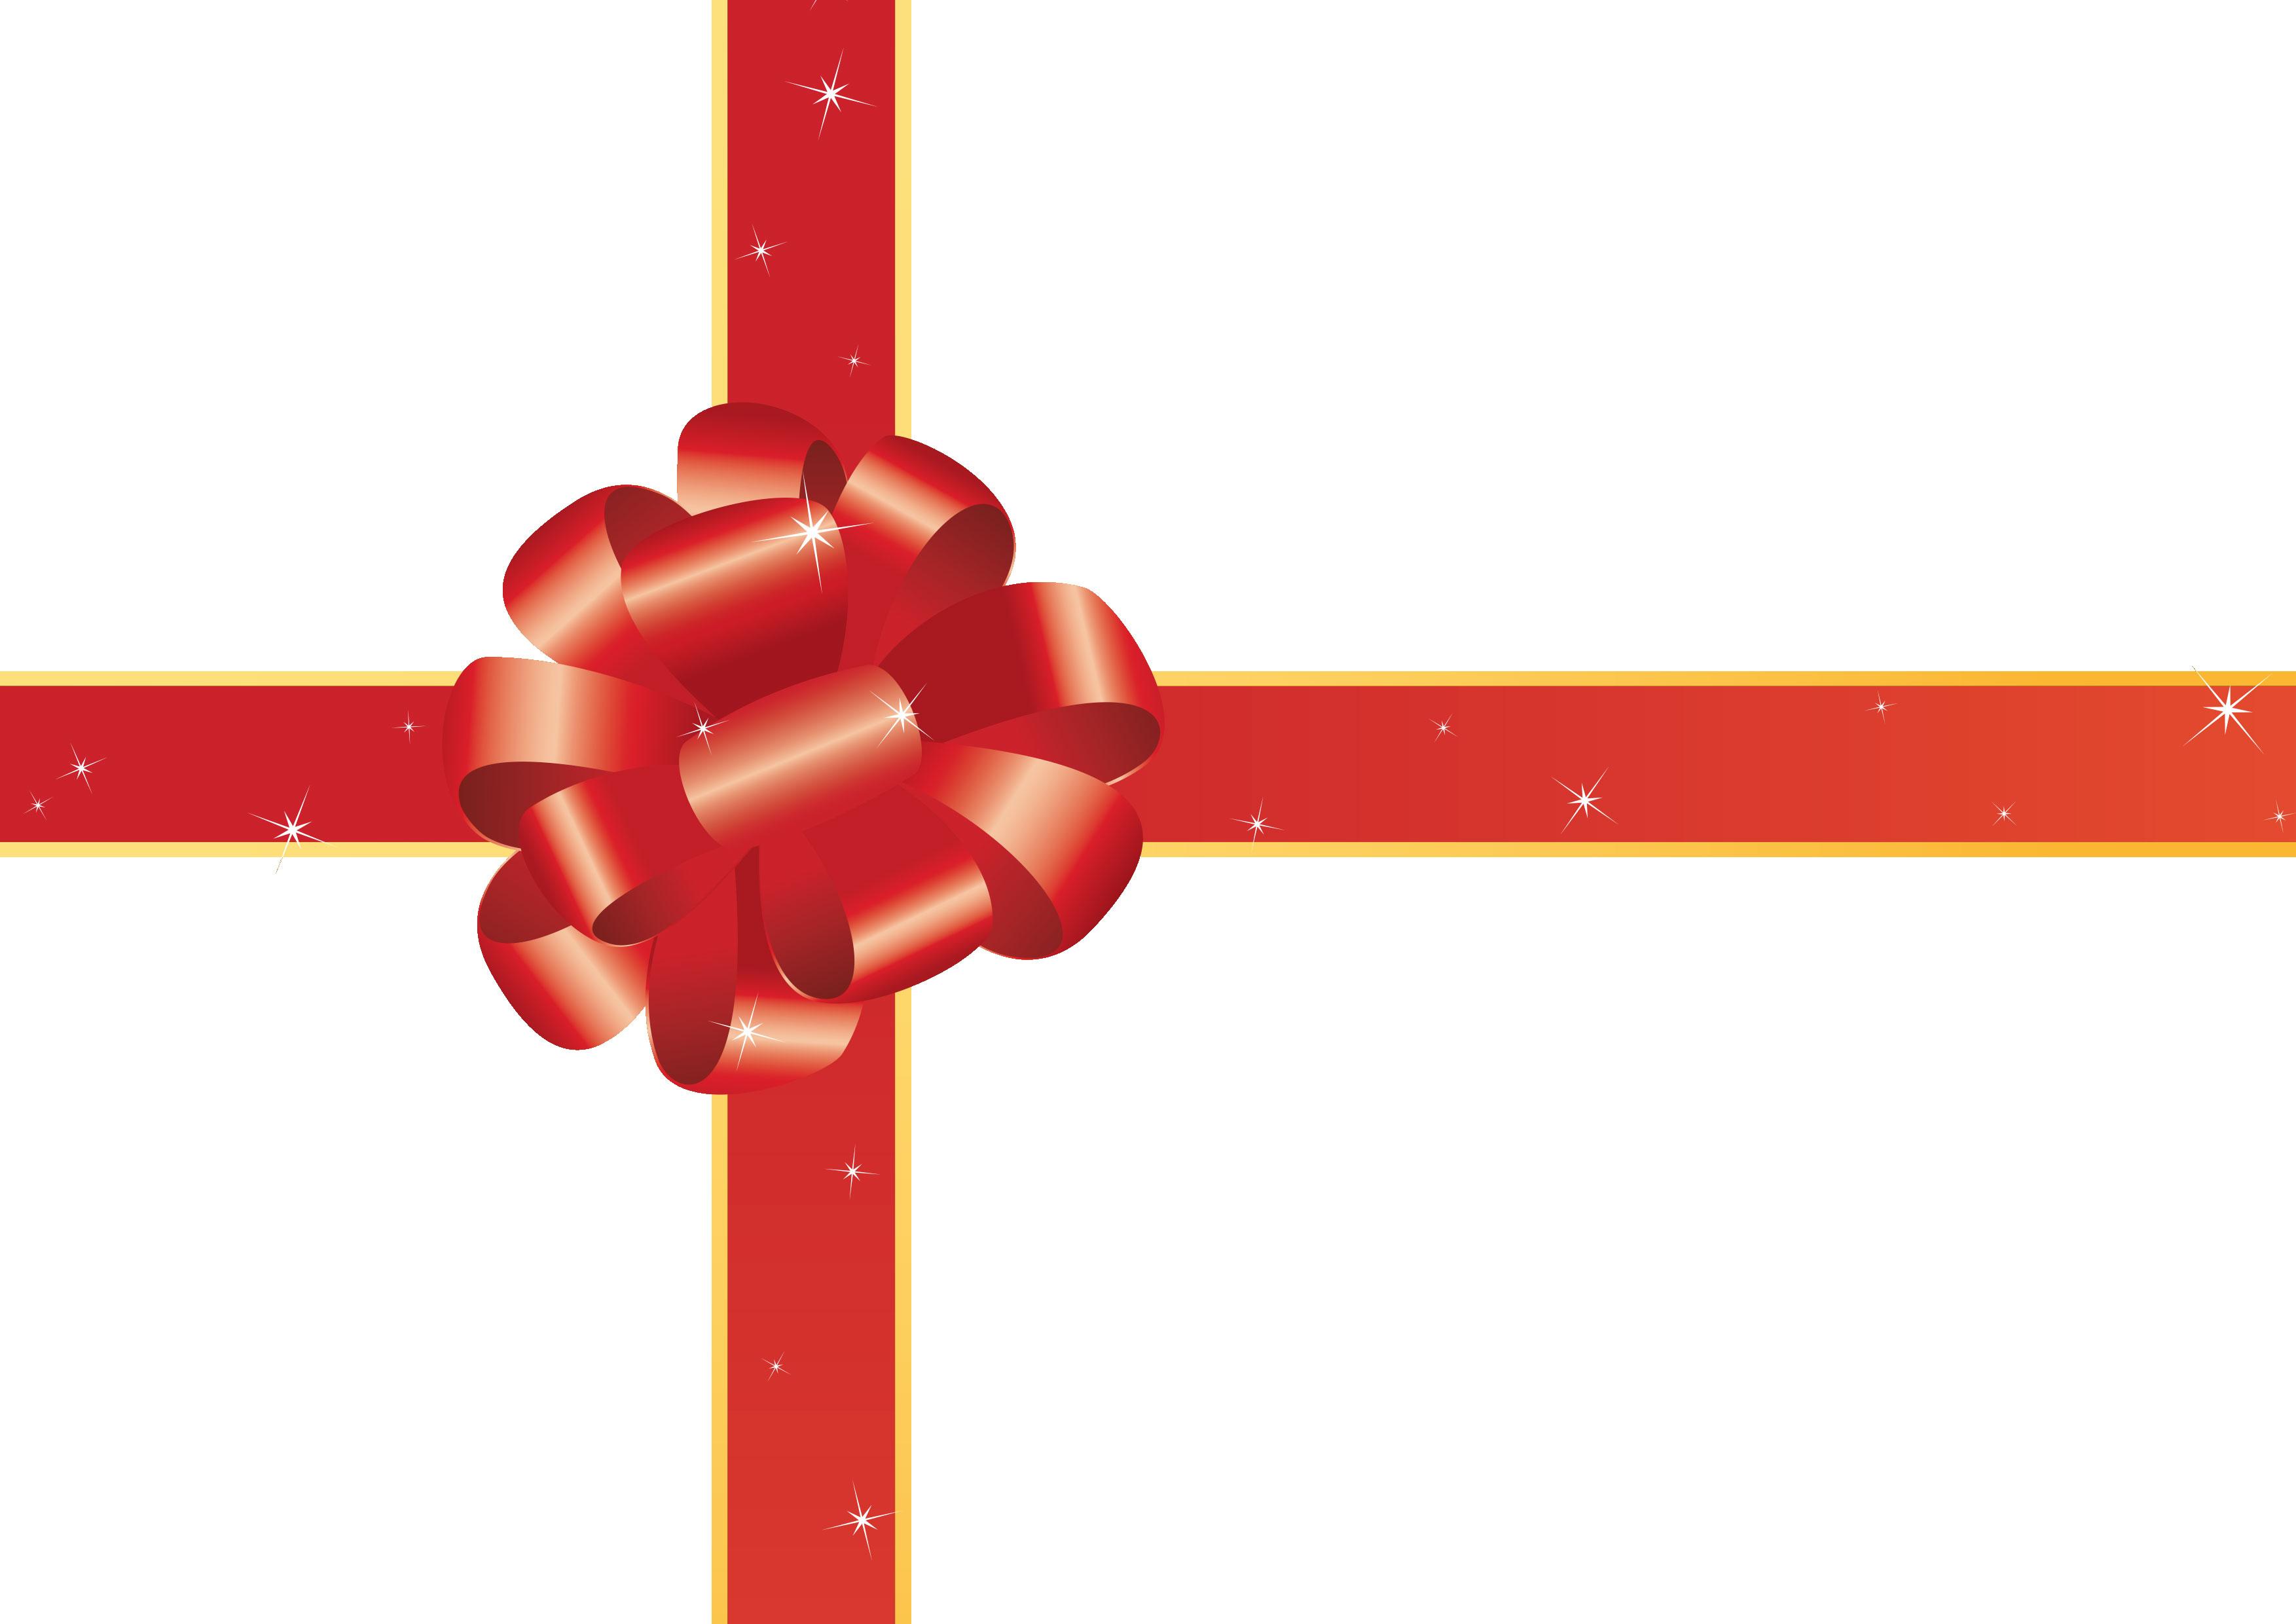 リボンデザインの壁紙・背景/無料素材no.007『赤い装飾用リボン・透明』